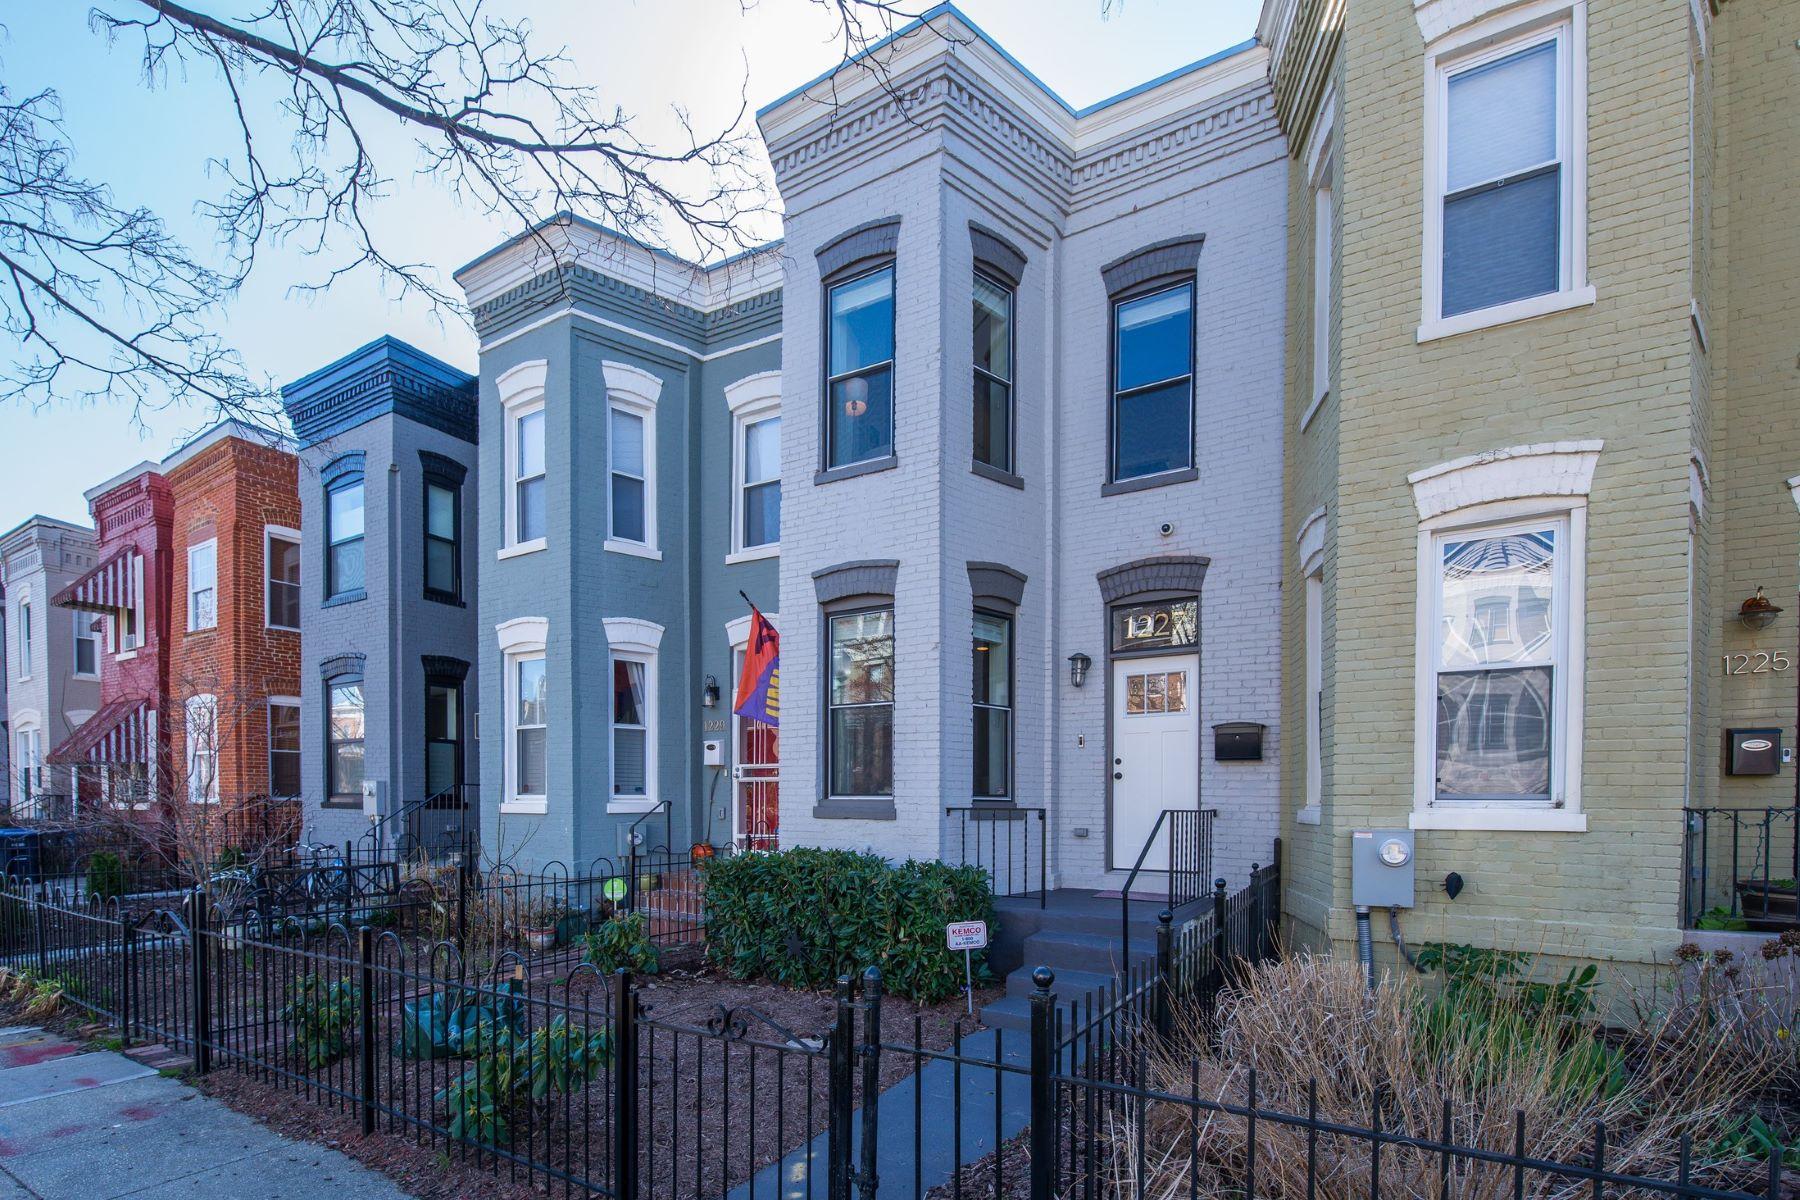 단독 가정 주택 용 매매 에 Renovated and Stunning 3 BR/2.5 BA Near H Street 1227 I Street NE, Washington, 컬럼비아주, 20002 미국